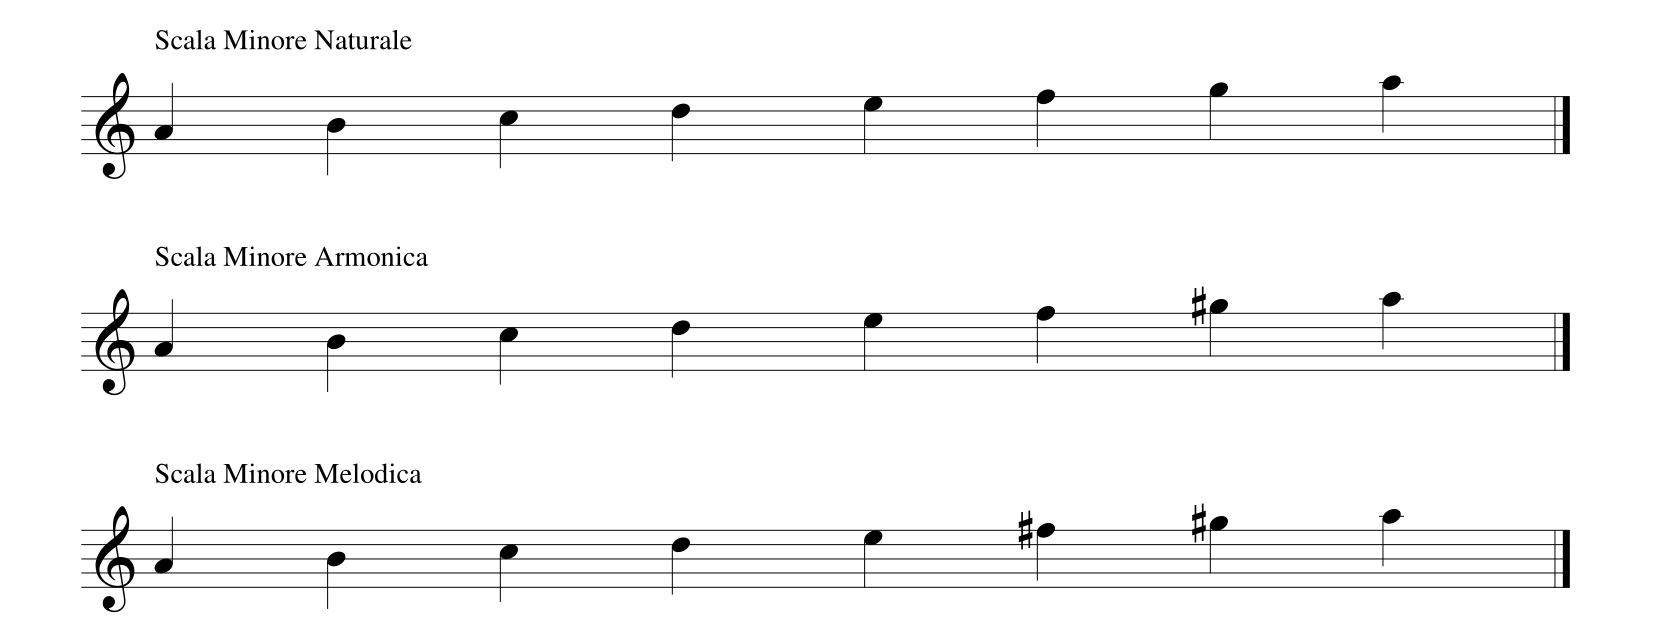 scala minore armonica scala minore melodica scala minore naturale